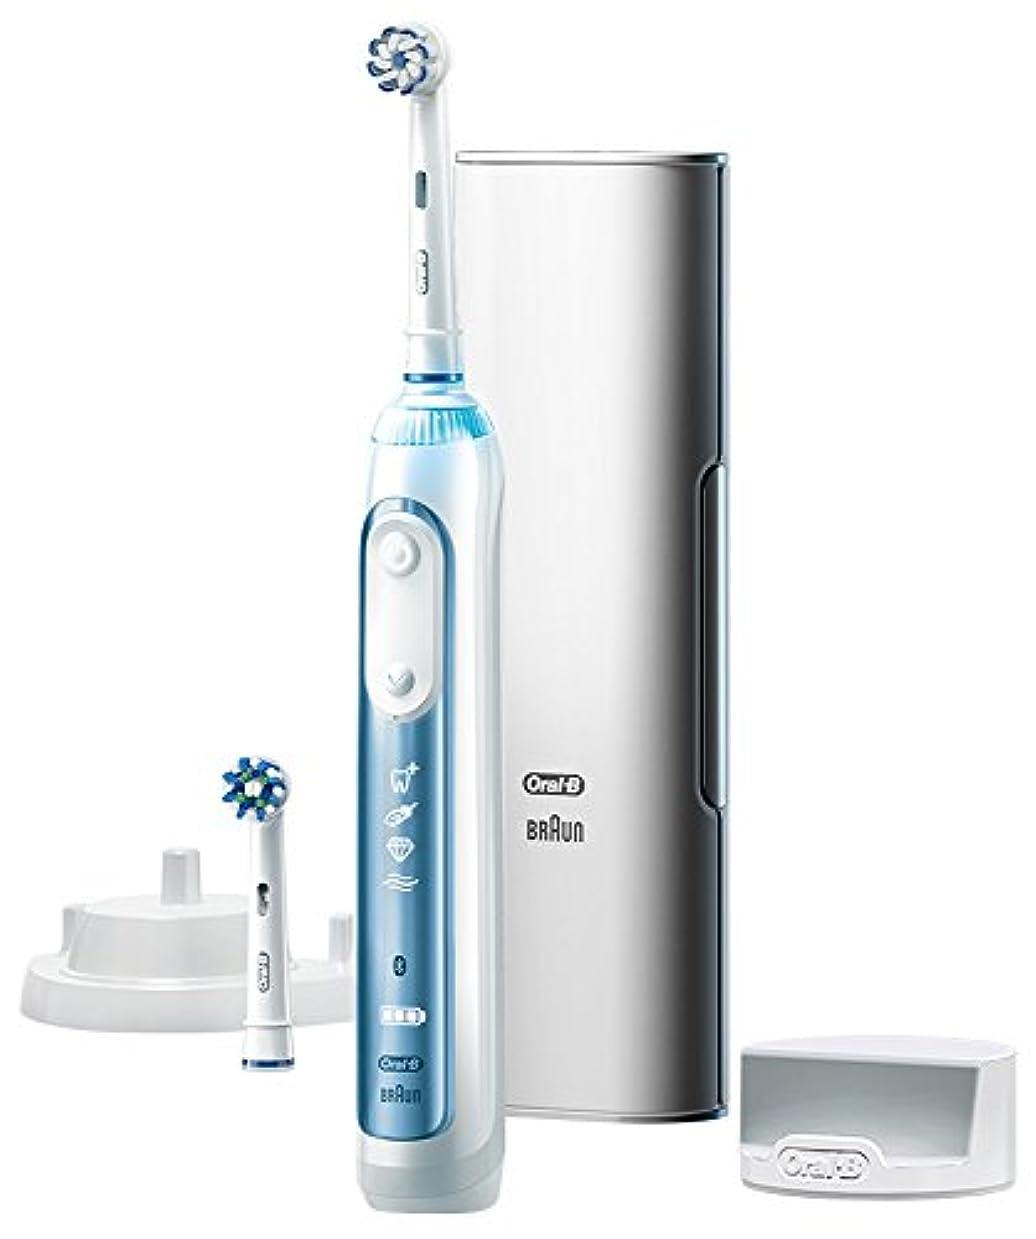 商人本質的ではないベイビーブラウン オーラルB 電動歯ブラシ スマート7000 D7005245XP D7005245XP